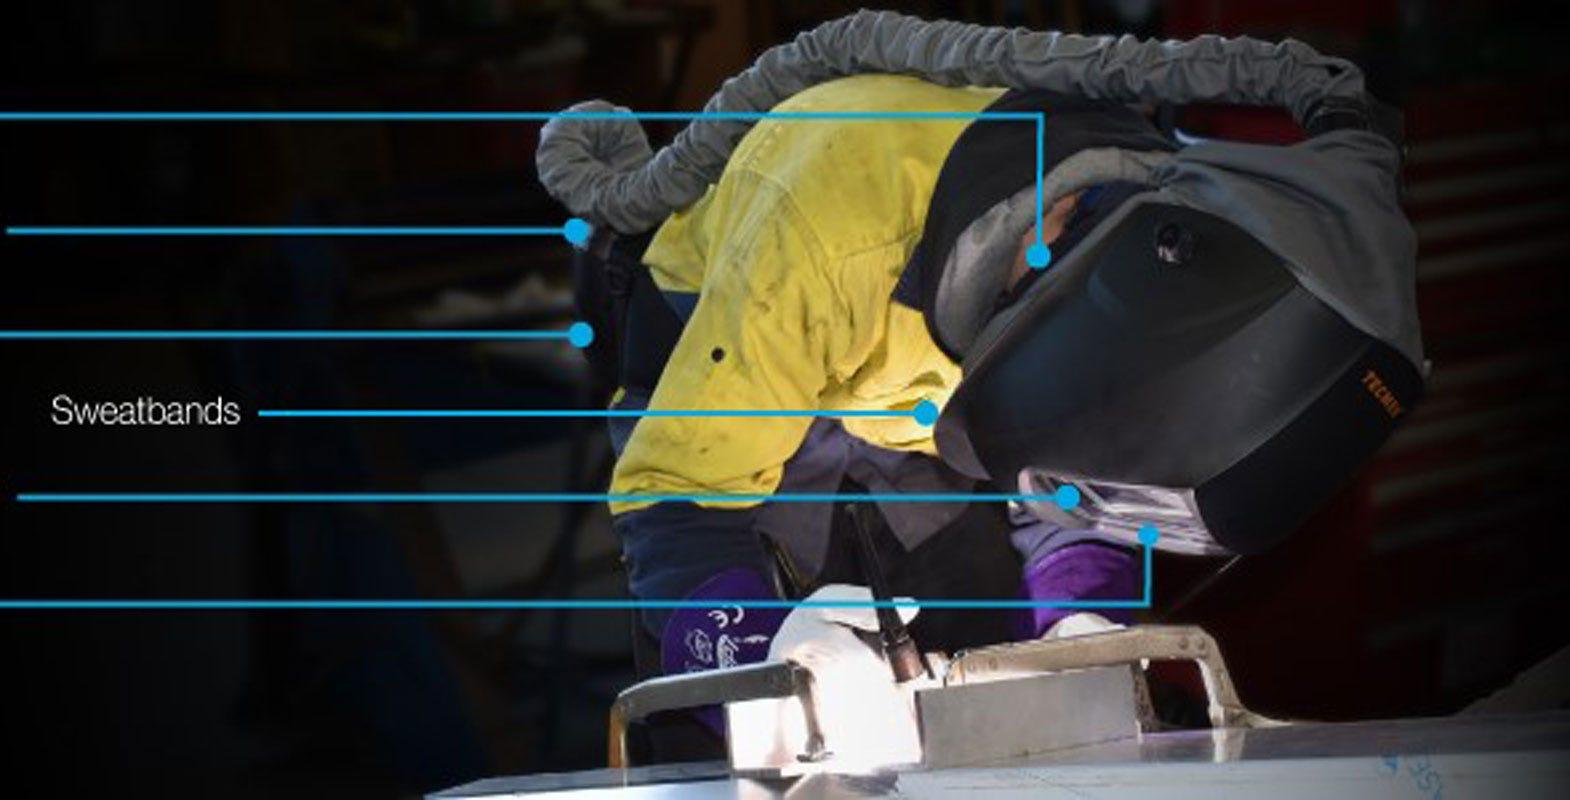 When do welding helmet & respirator parts need replacing?